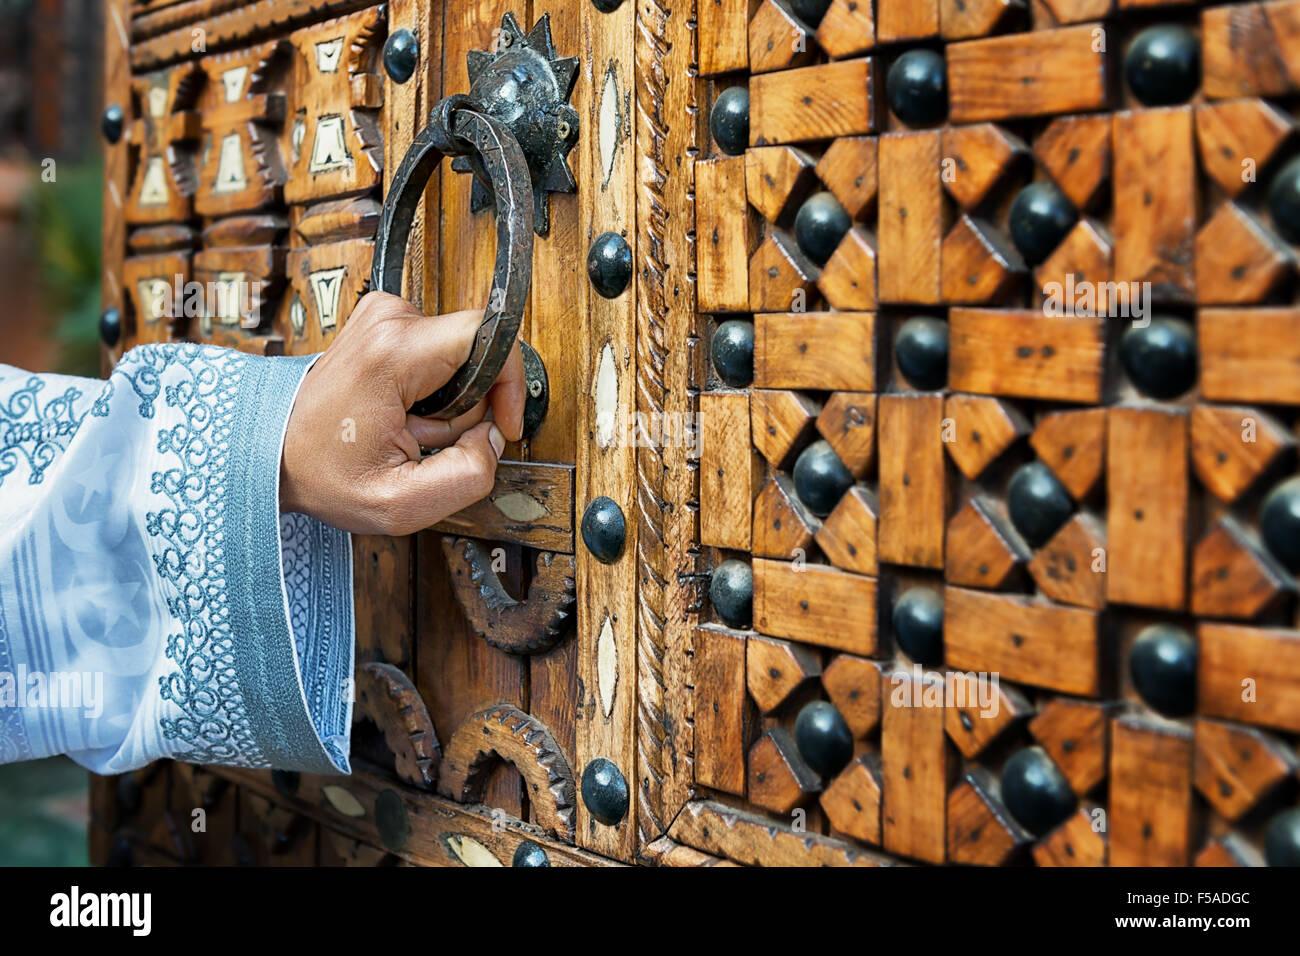 Une main tenant une poignée de porte en bois, d'une traditionnelle marocaine, porte, dans le sud du Maroc. Photo Stock